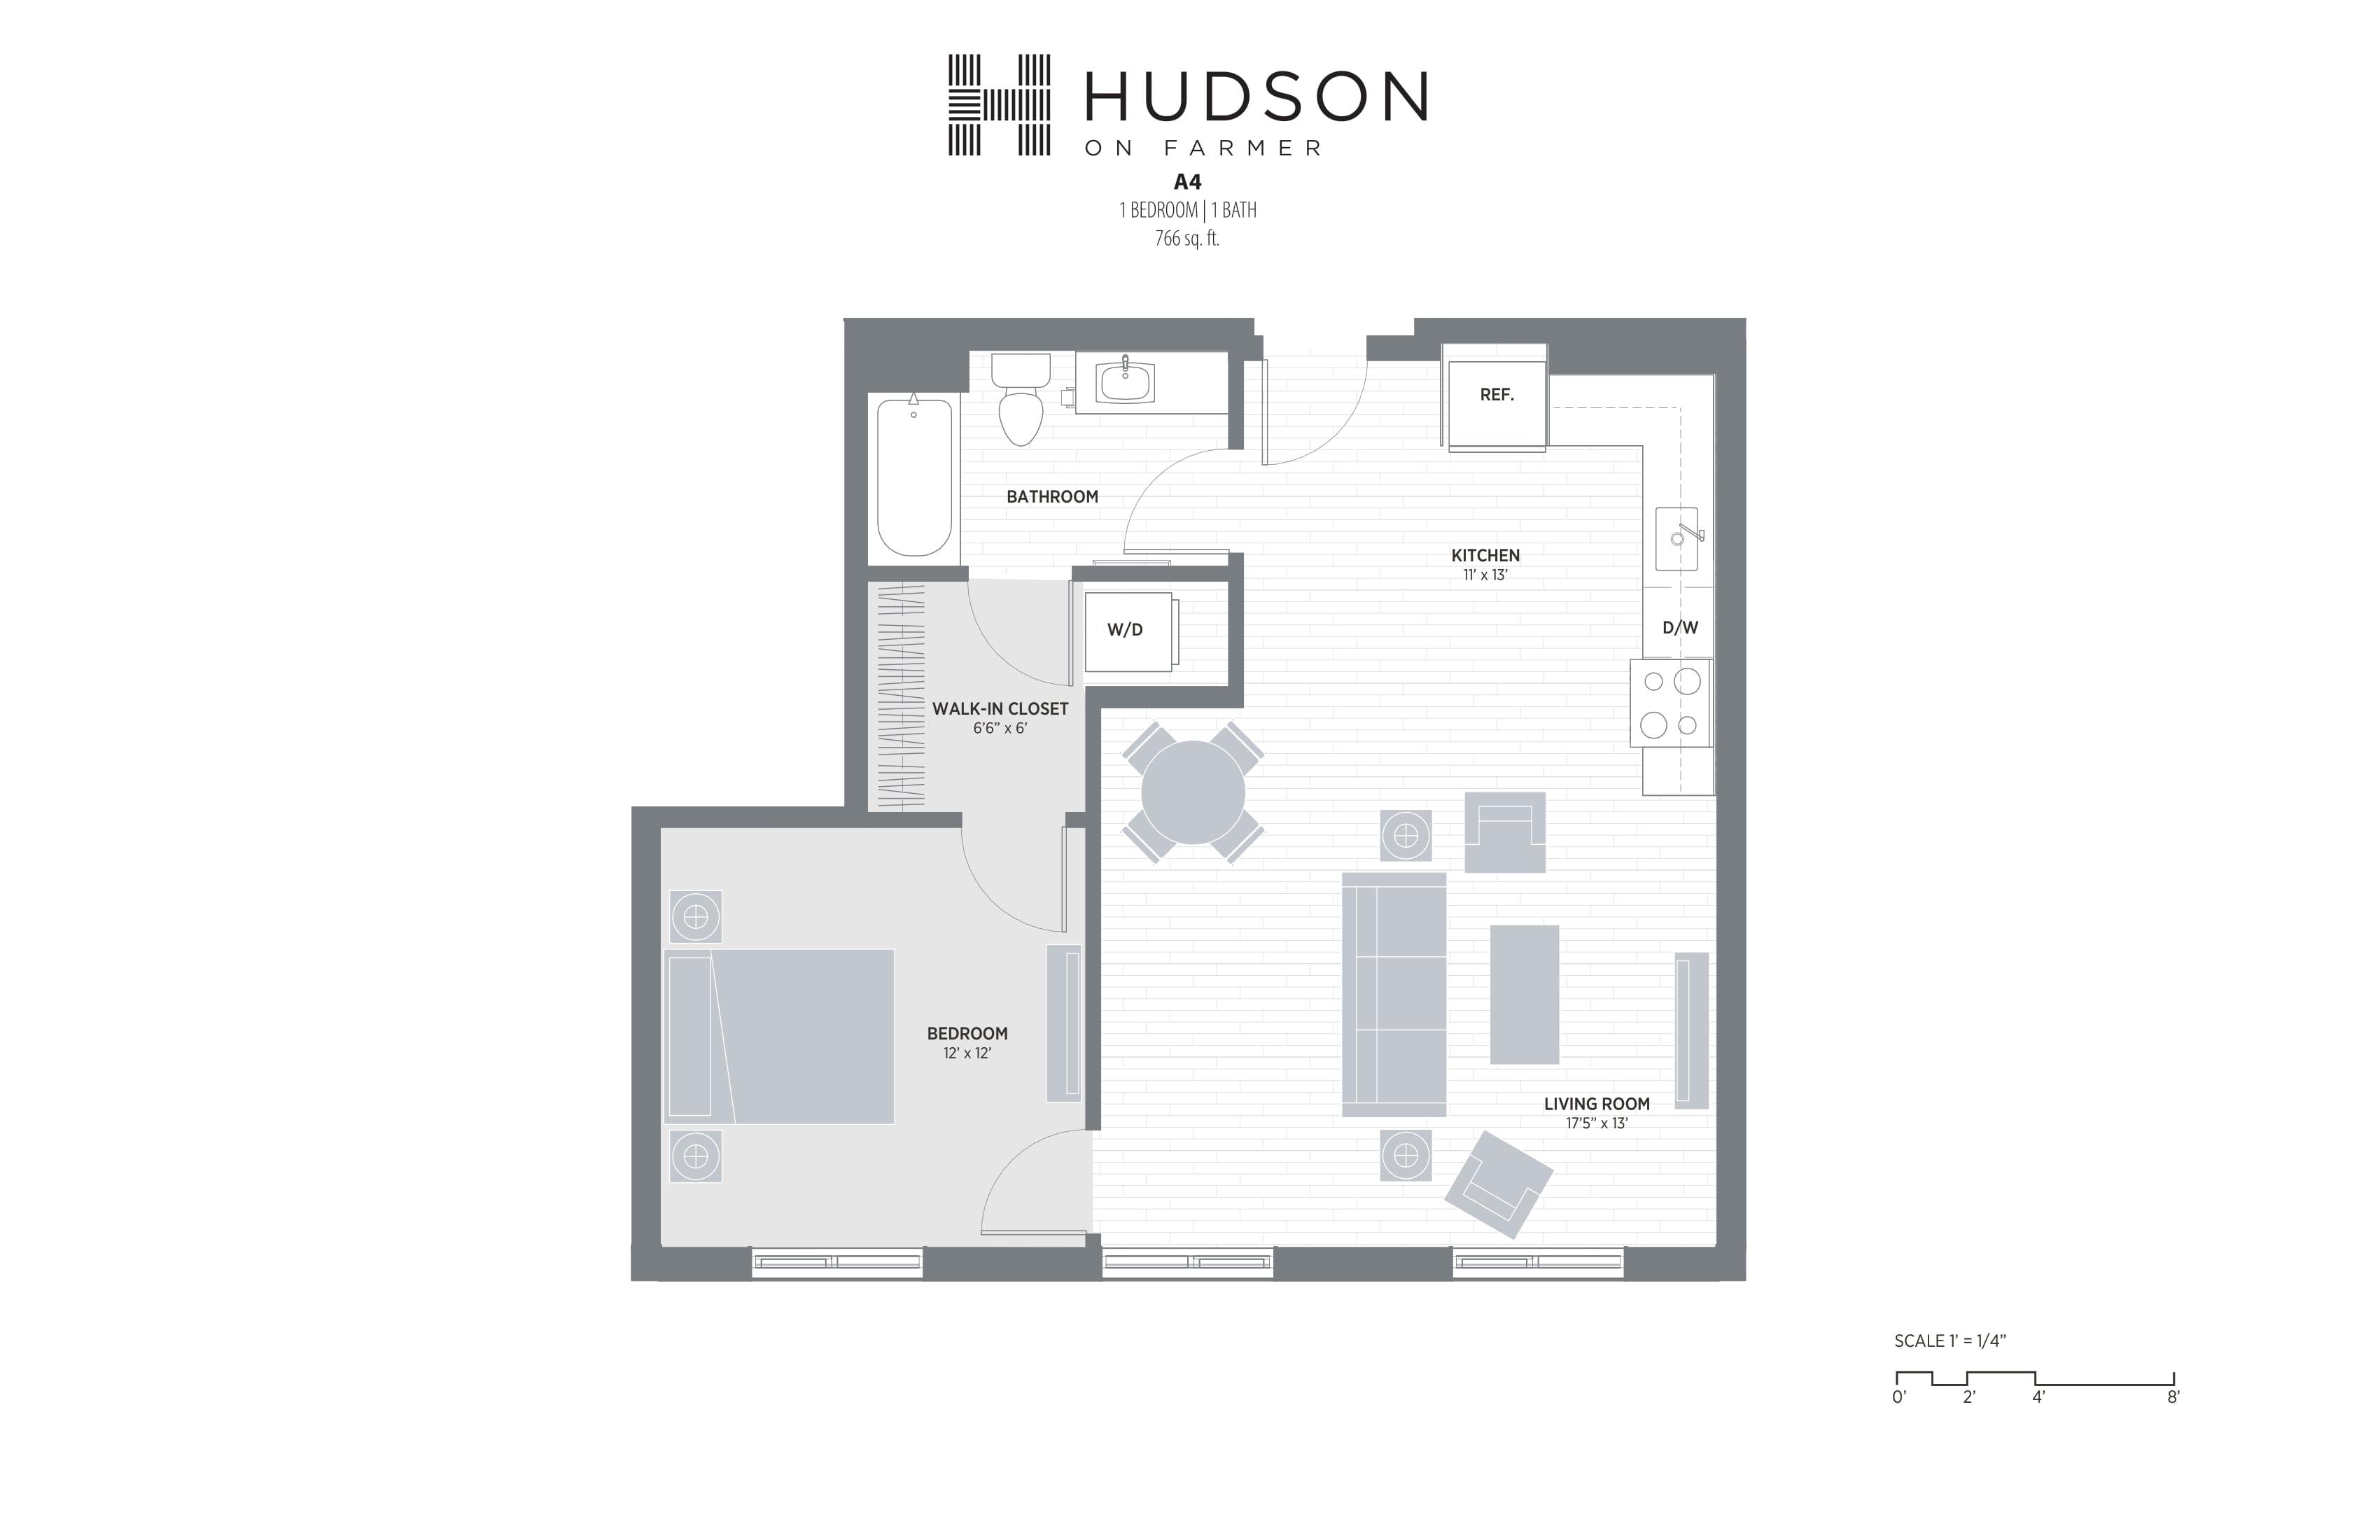 A4.c floor plan